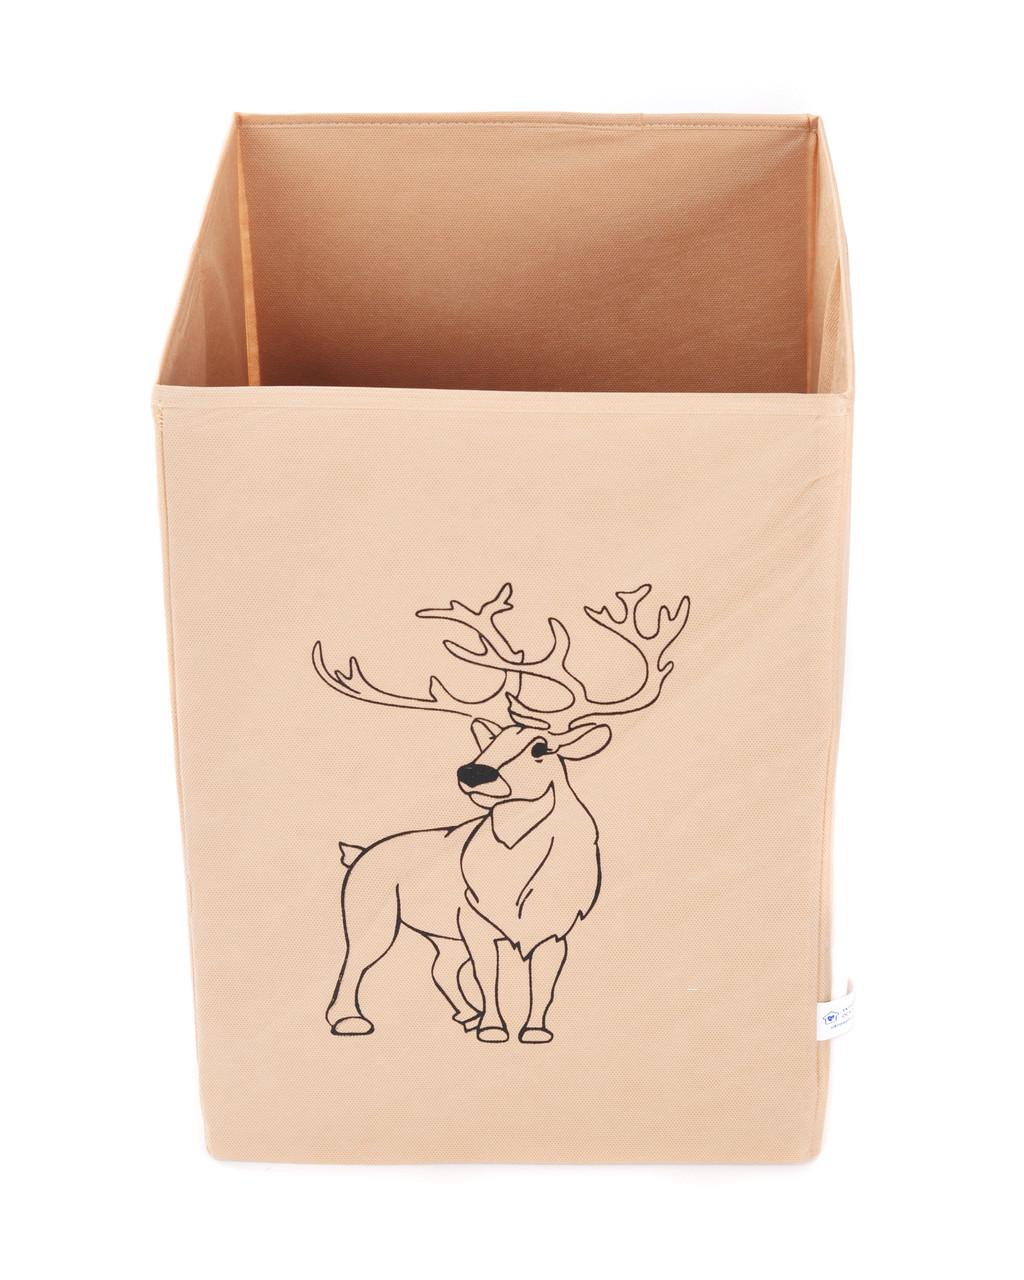 Ящик для хранения игрушек, 30 * 30 * 55 см, Зоопарк Олень (без крышки)